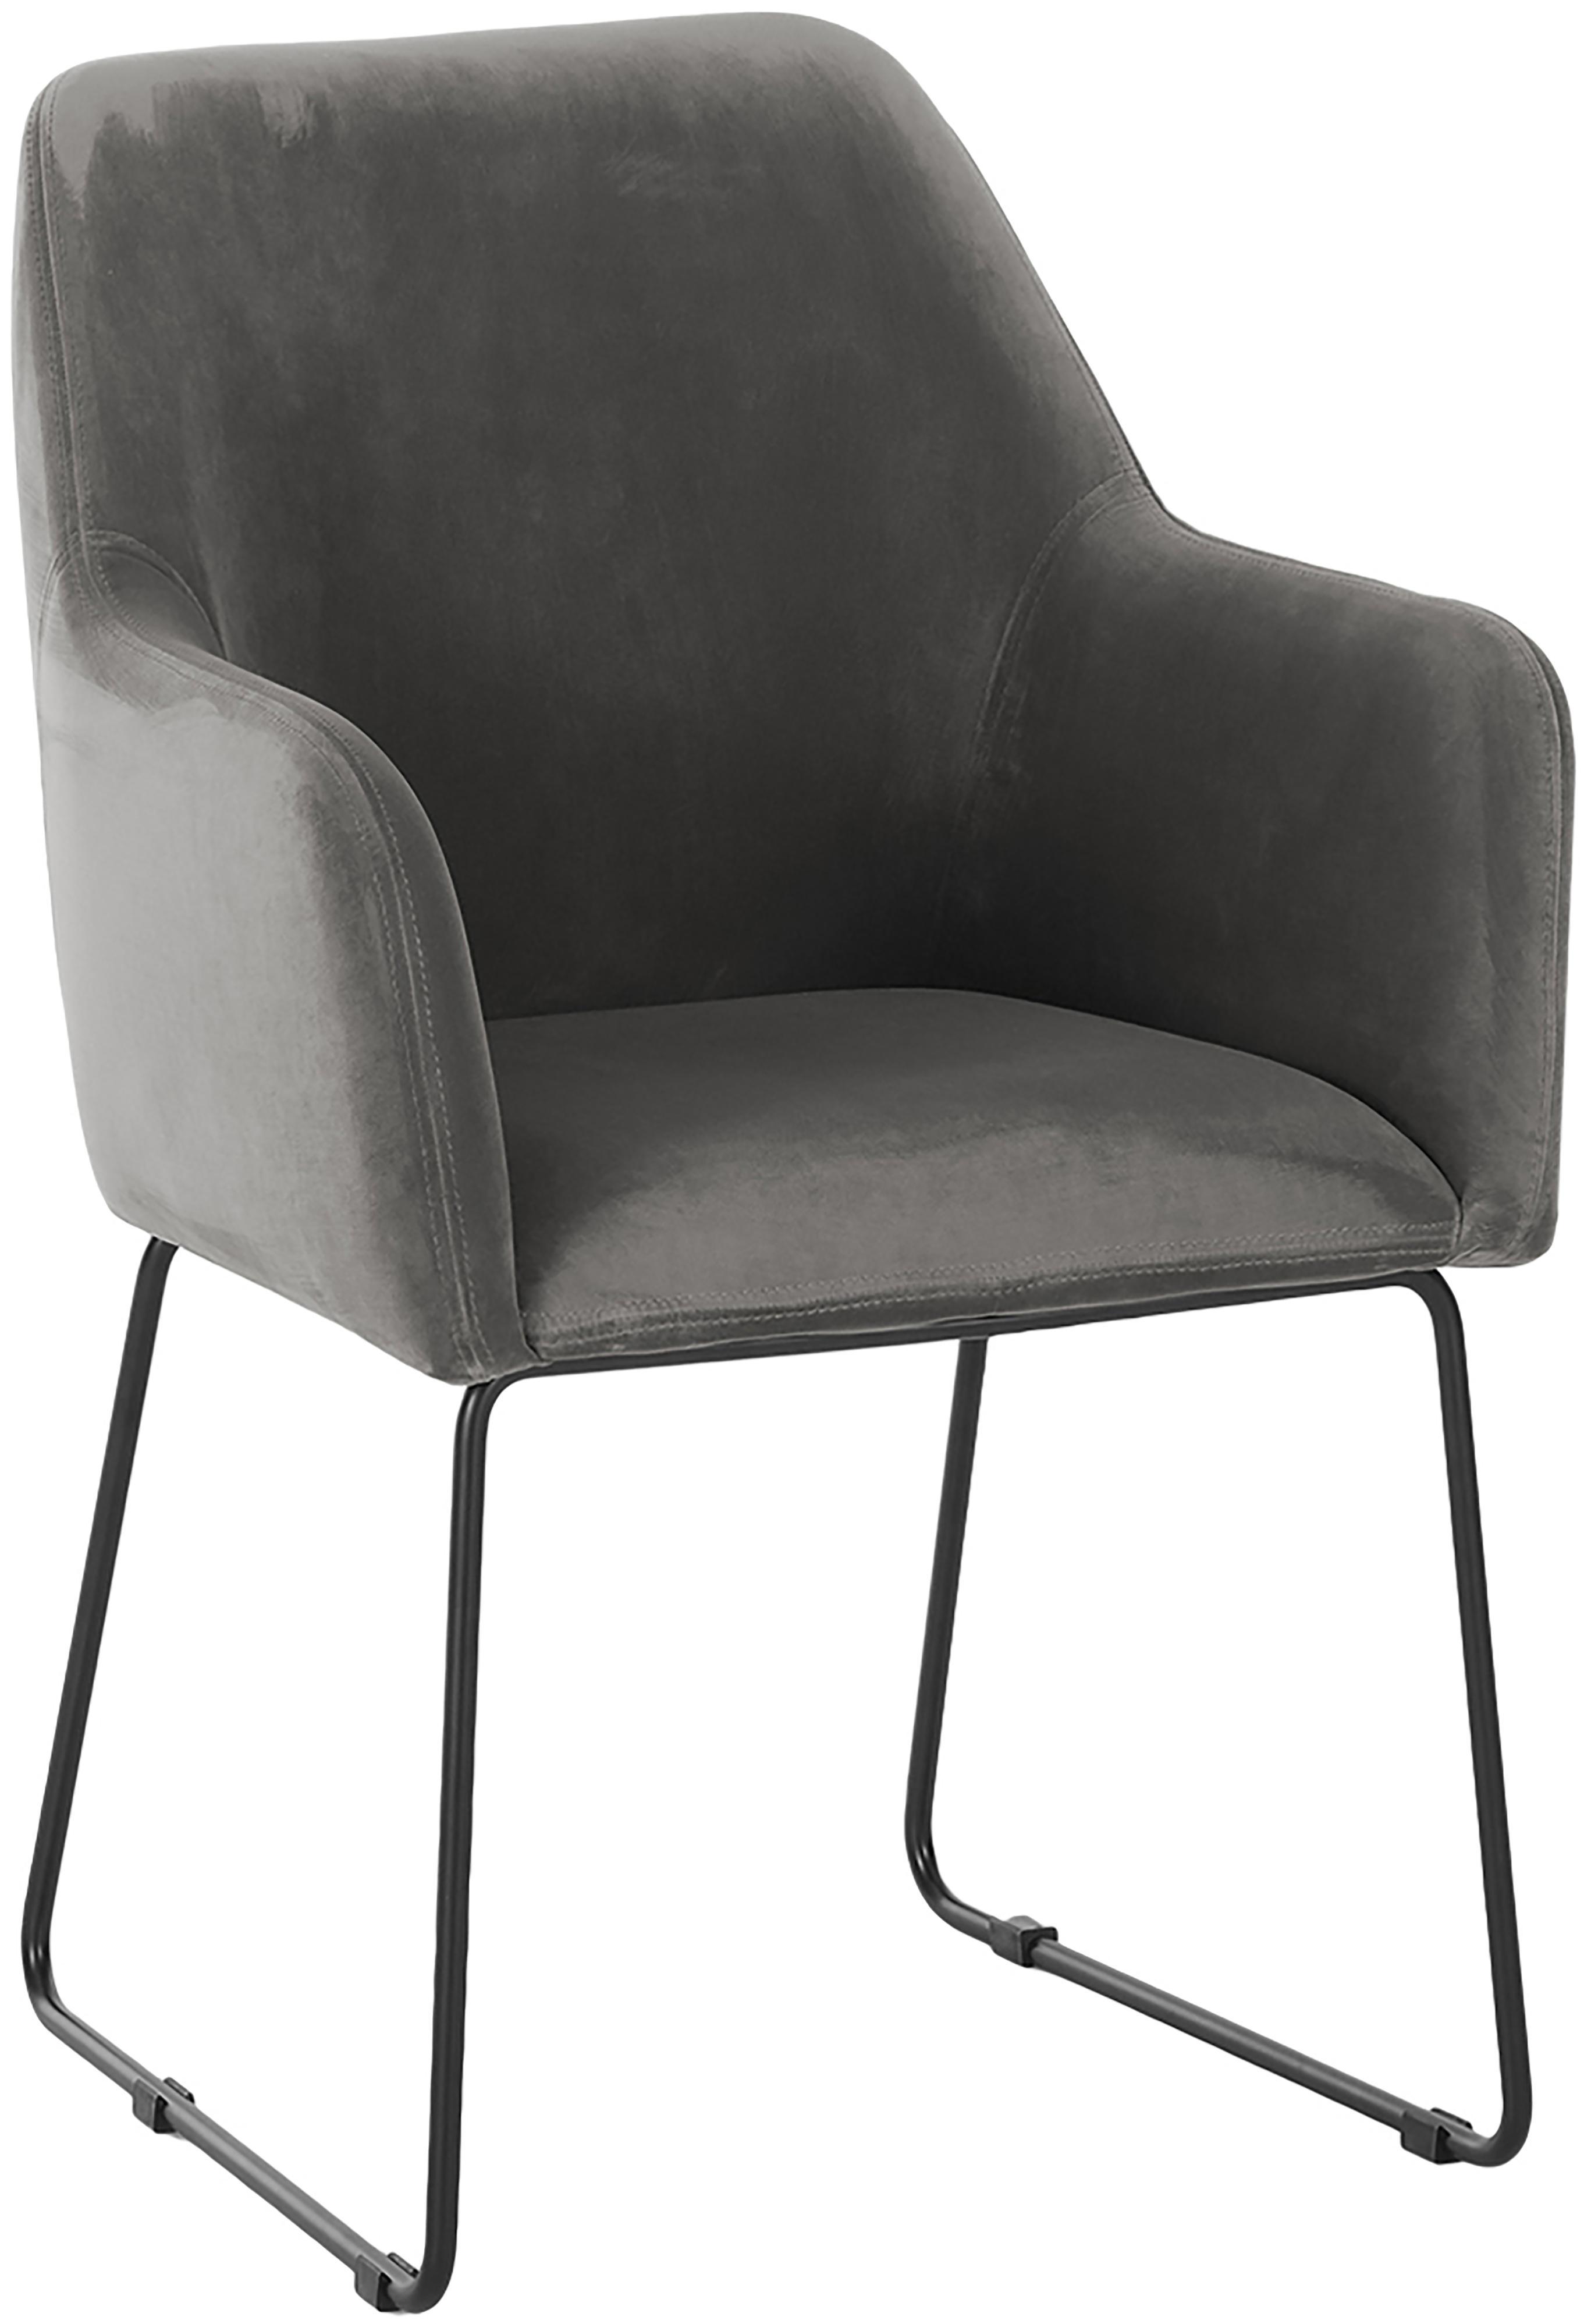 Fluwelen armstoel Isla, Bekleding: fluweel (polyester), Poten: gepoedercoat metaal, Fluweel steengrijs, poten zwart, B 58 x D 62 cm